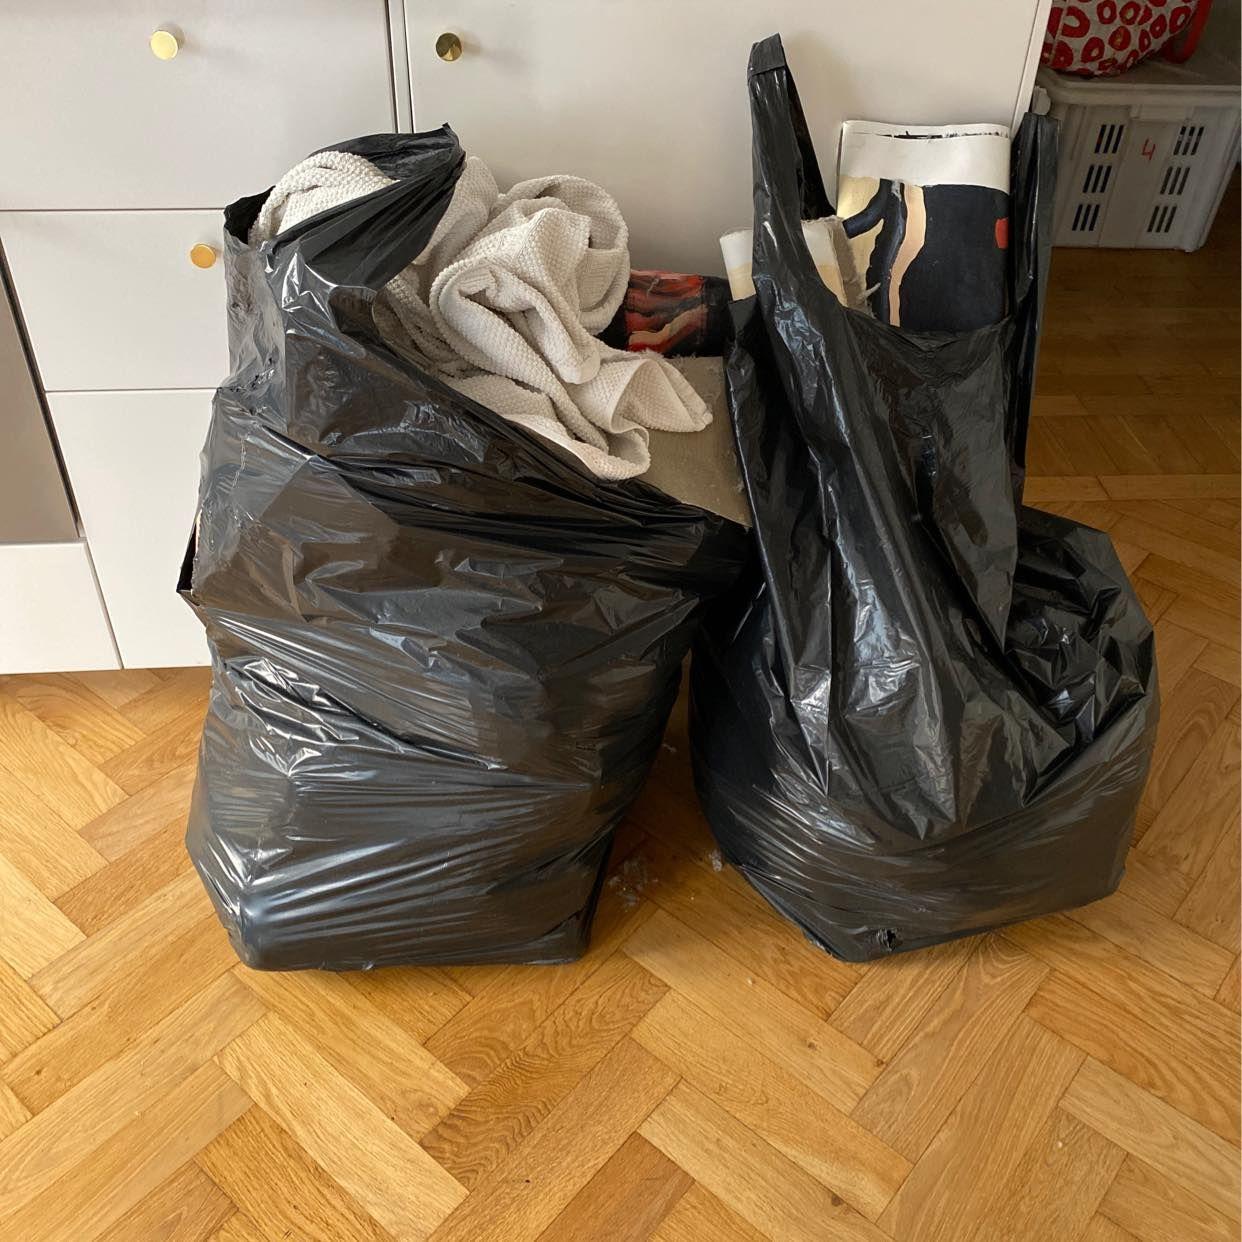 image of 2 säckar diverse skräp - Stockholm